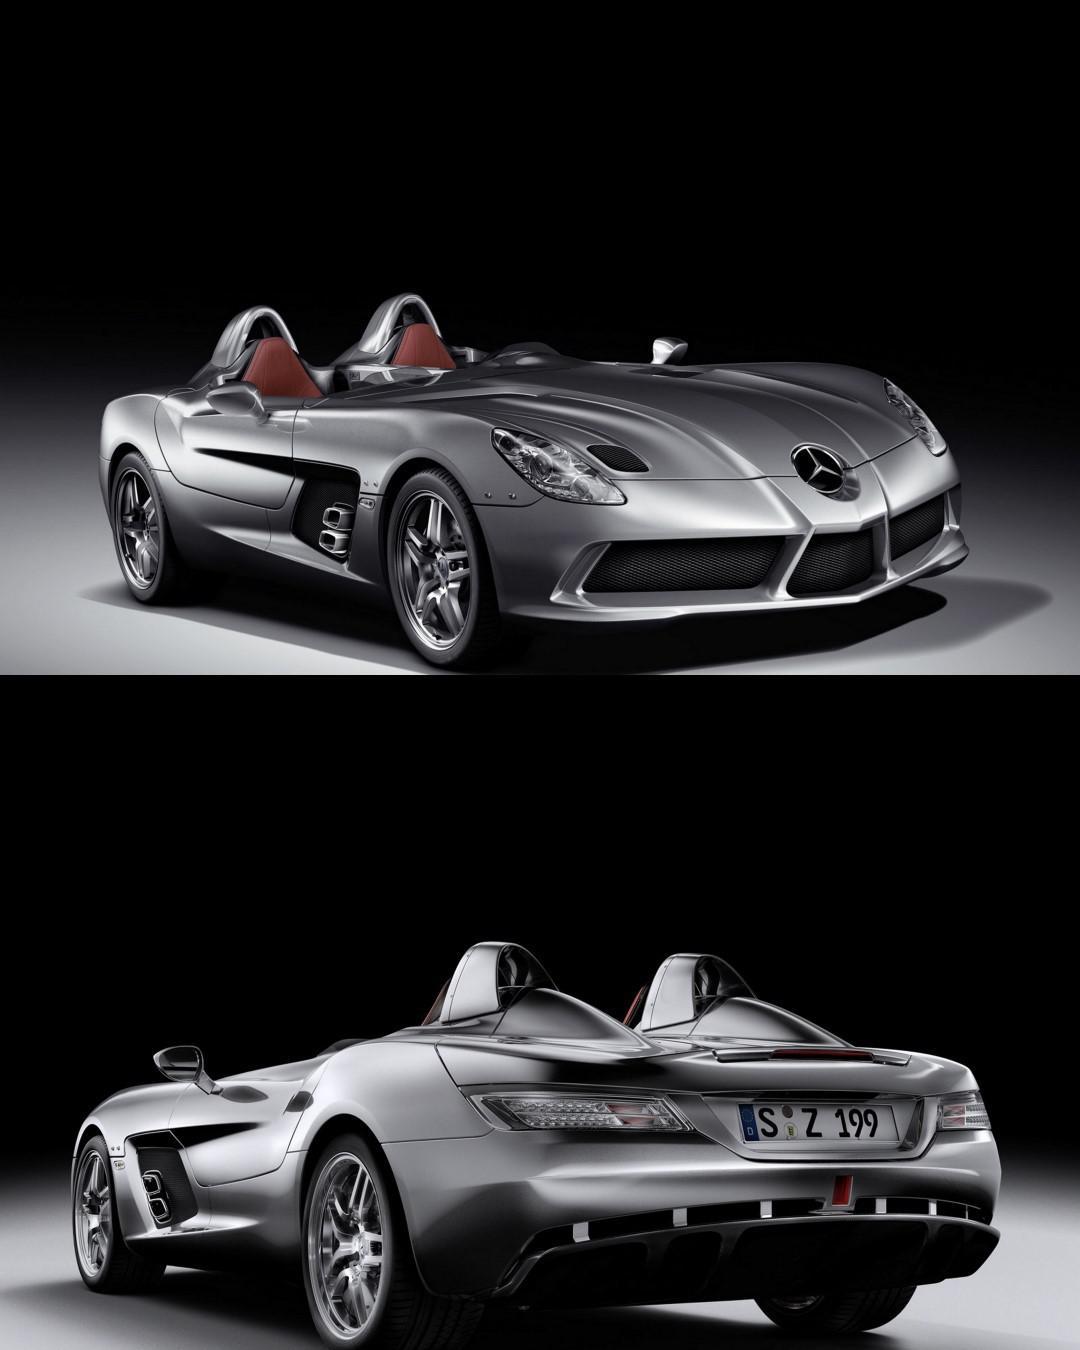 mode-supercars-sans-pare-brise-speedsters-et-barchettes-1154-4.jpg